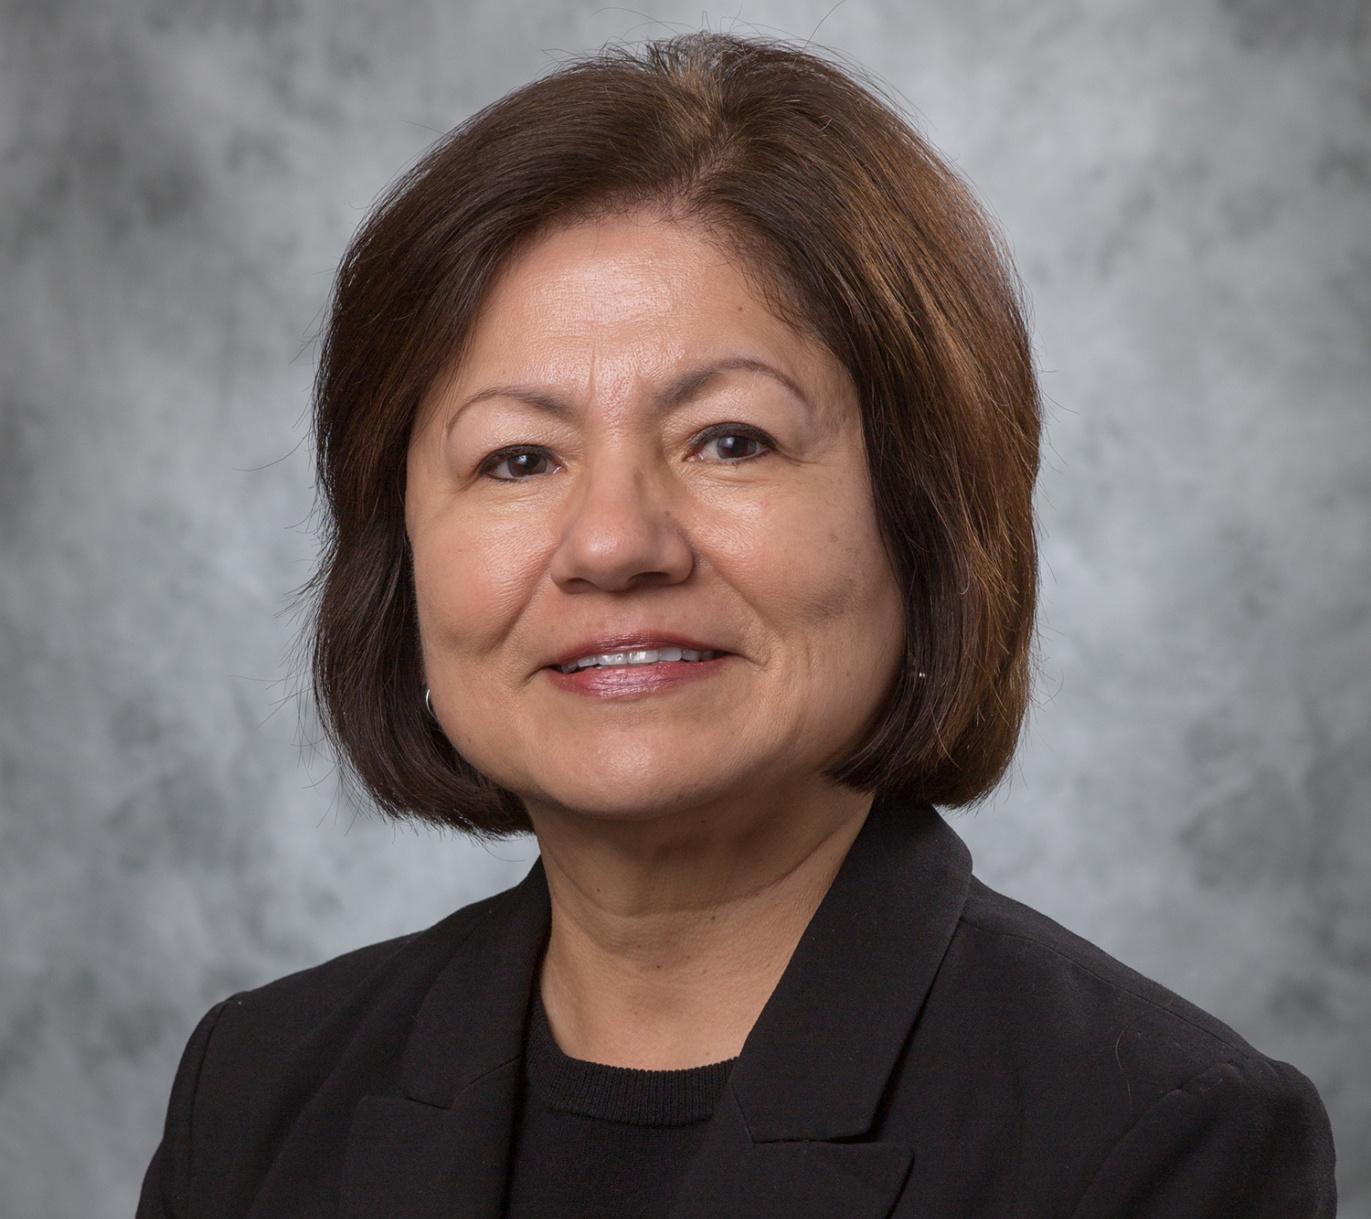 Dr. Susan Guzmán-Treviño